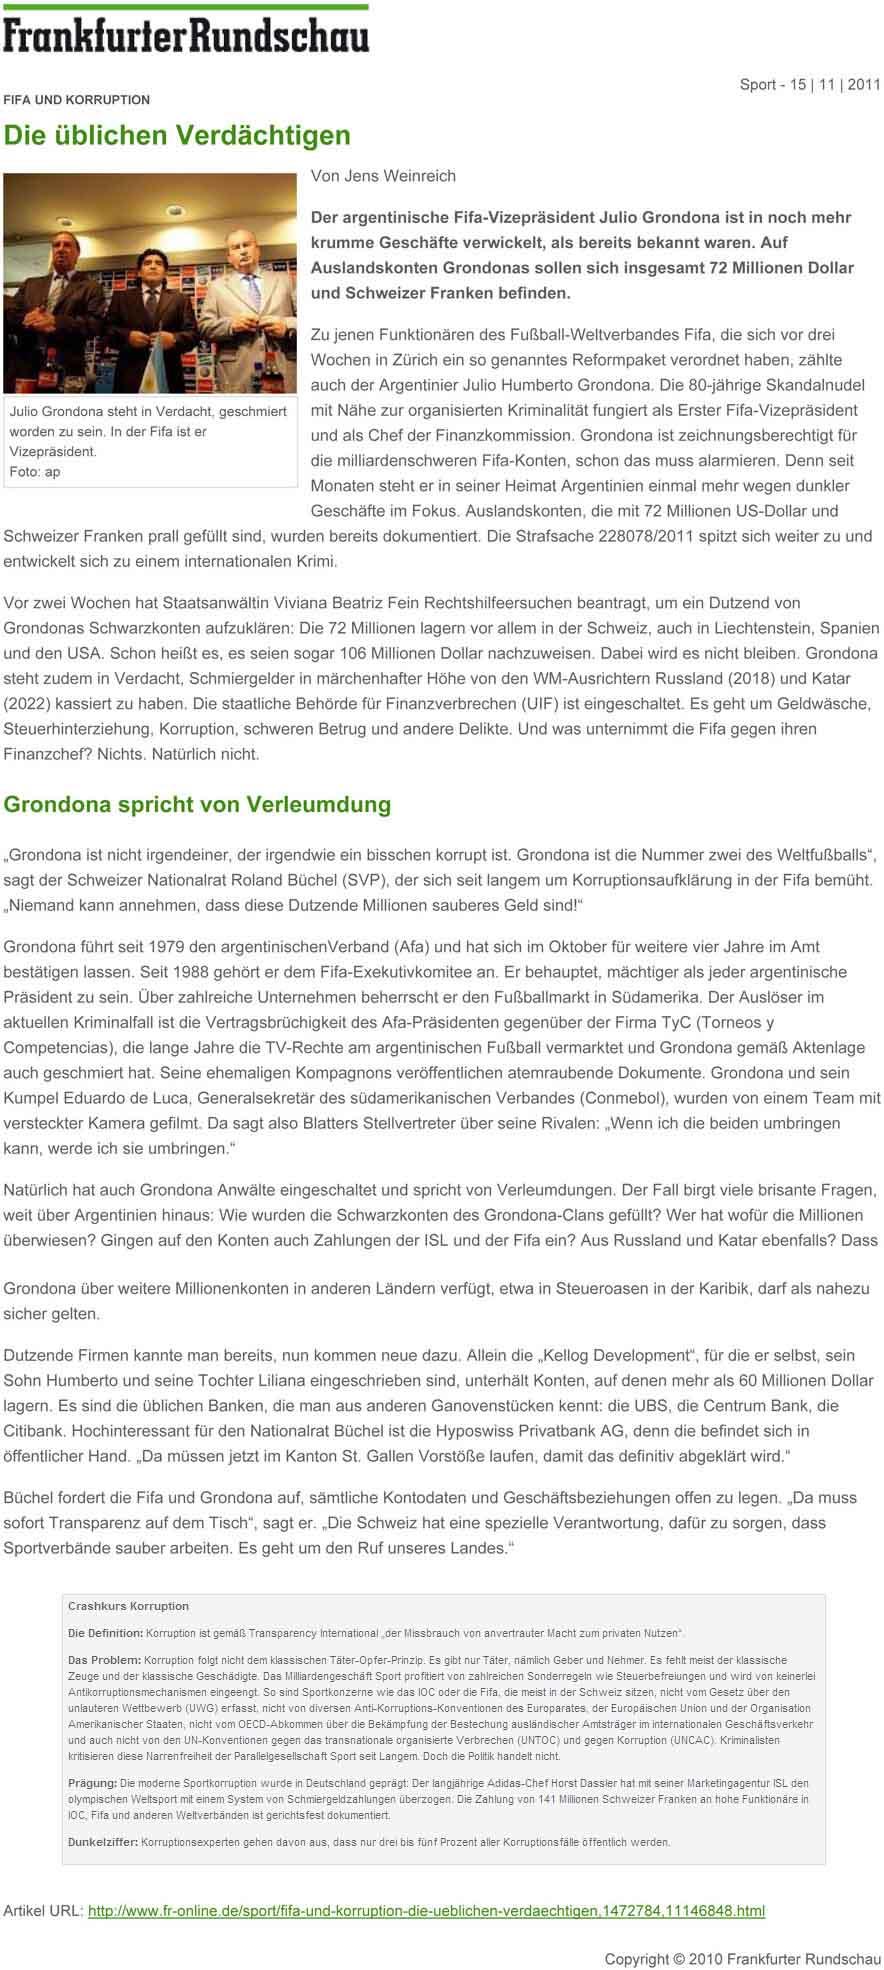 Frankfurter Rundschau: Die üblichen Verdächtigen. Julio Grondona. (Nationalrat: Roland Rino Büchel)